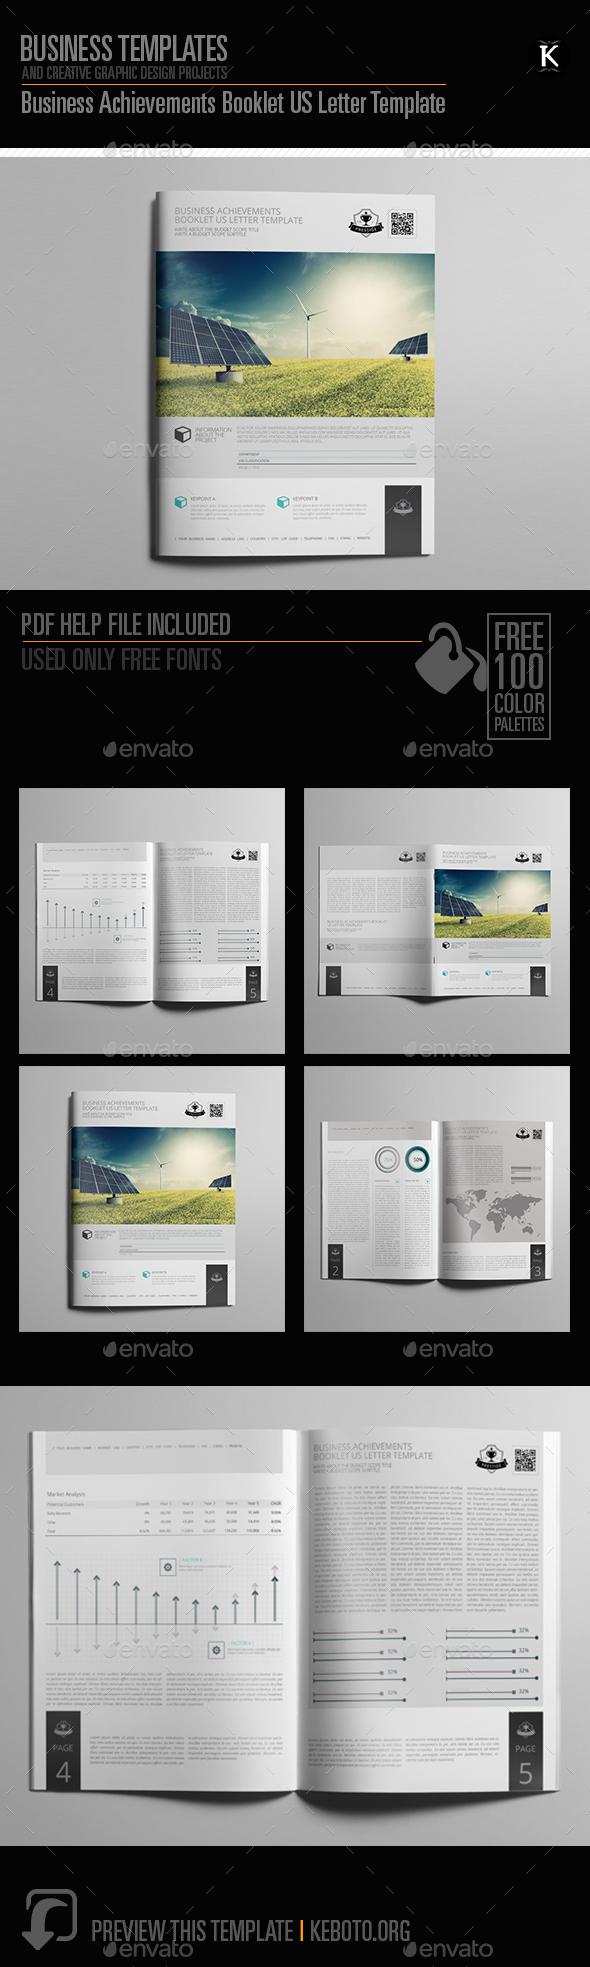 Business Achievements Booklet US Letter Template - Miscellaneous Print Templates